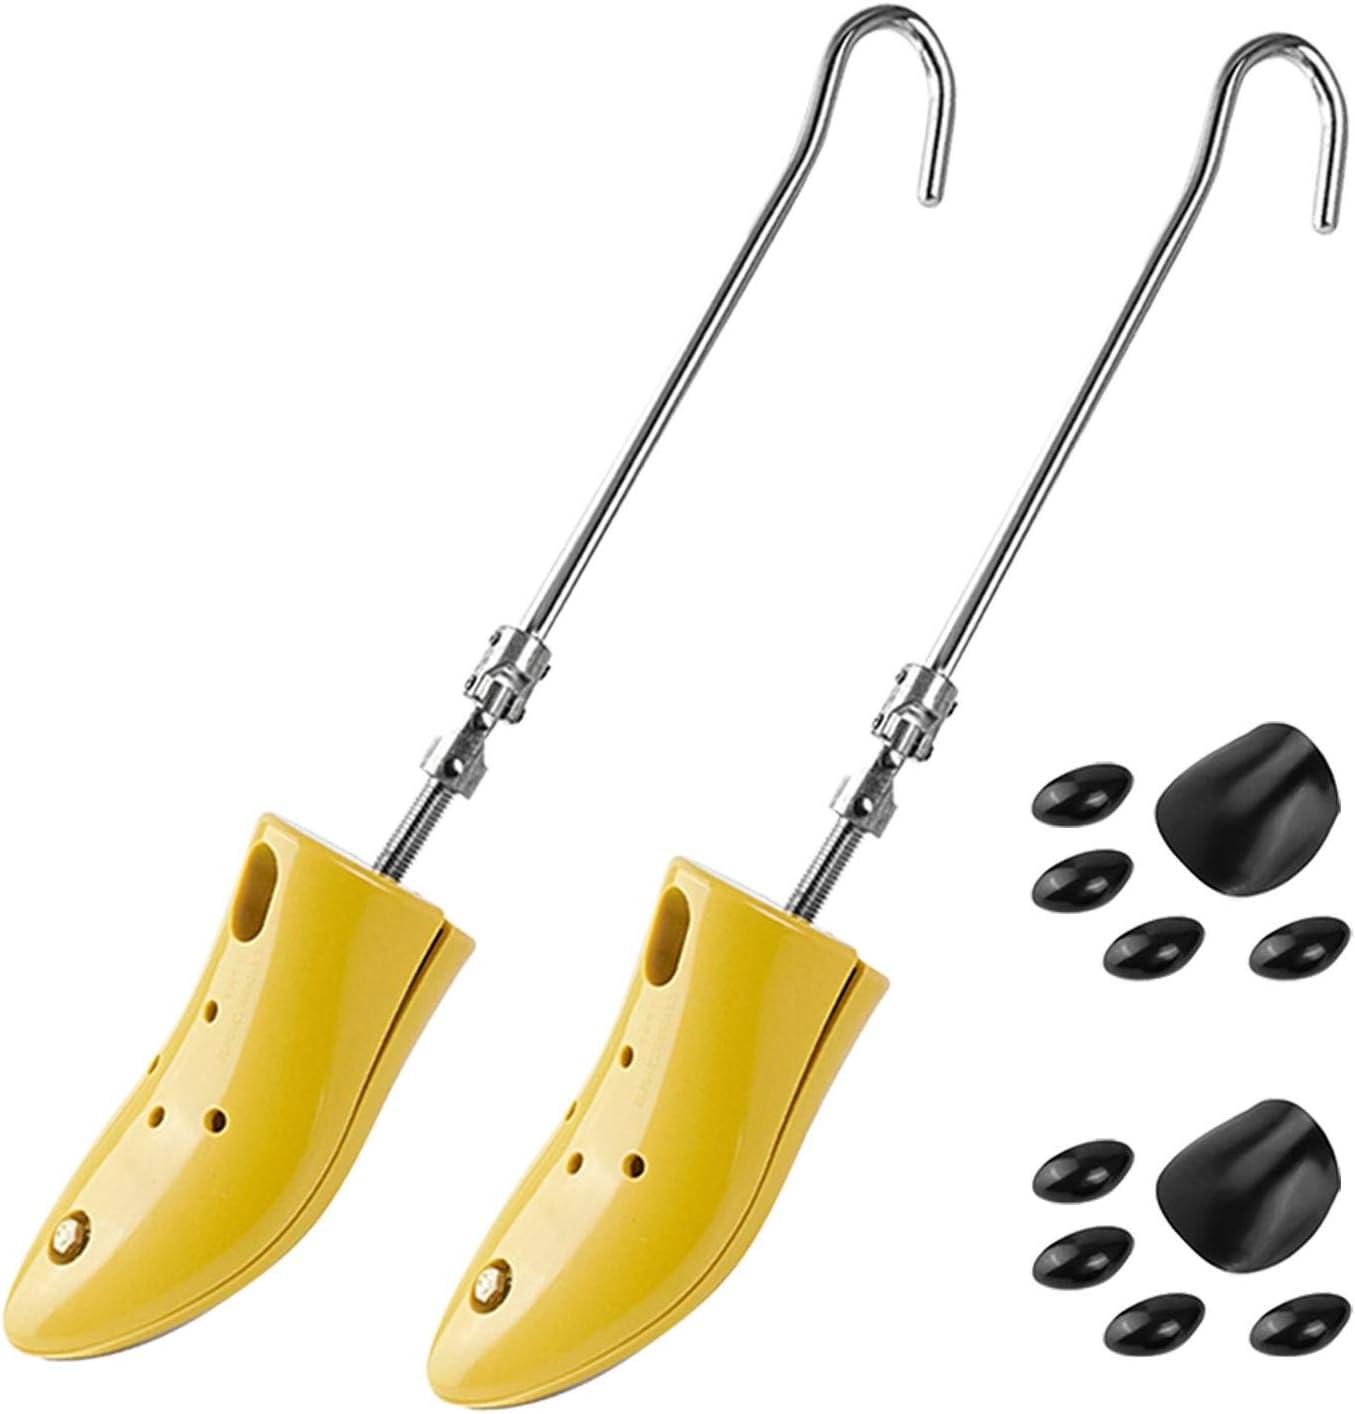 altezza per stivali e scarpe lunghezza regolabile Scarpiera per donna e uomo espansore per collo del piede un paio di allargatori per scarpe a 4 vie DAMENGOTA